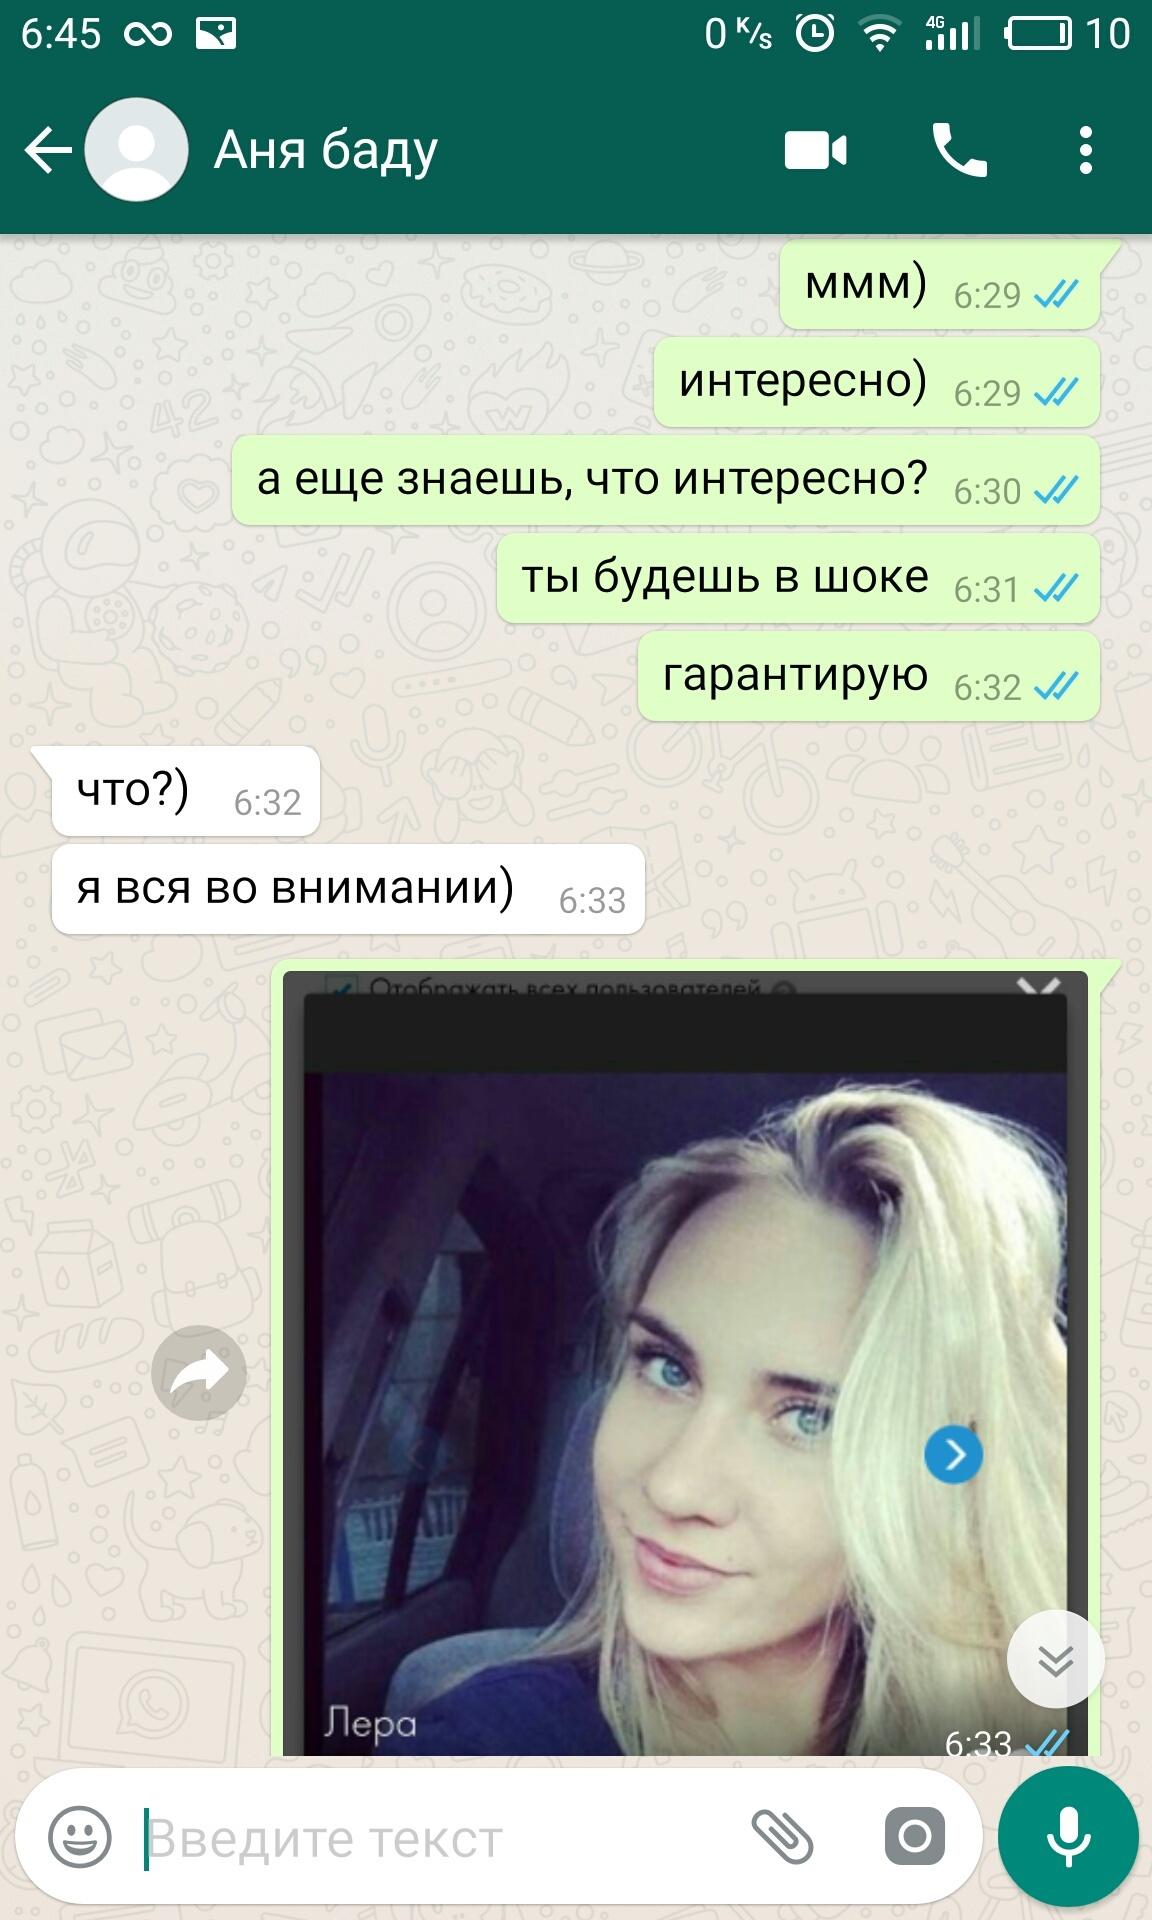 Где найти секс с болгаркой?